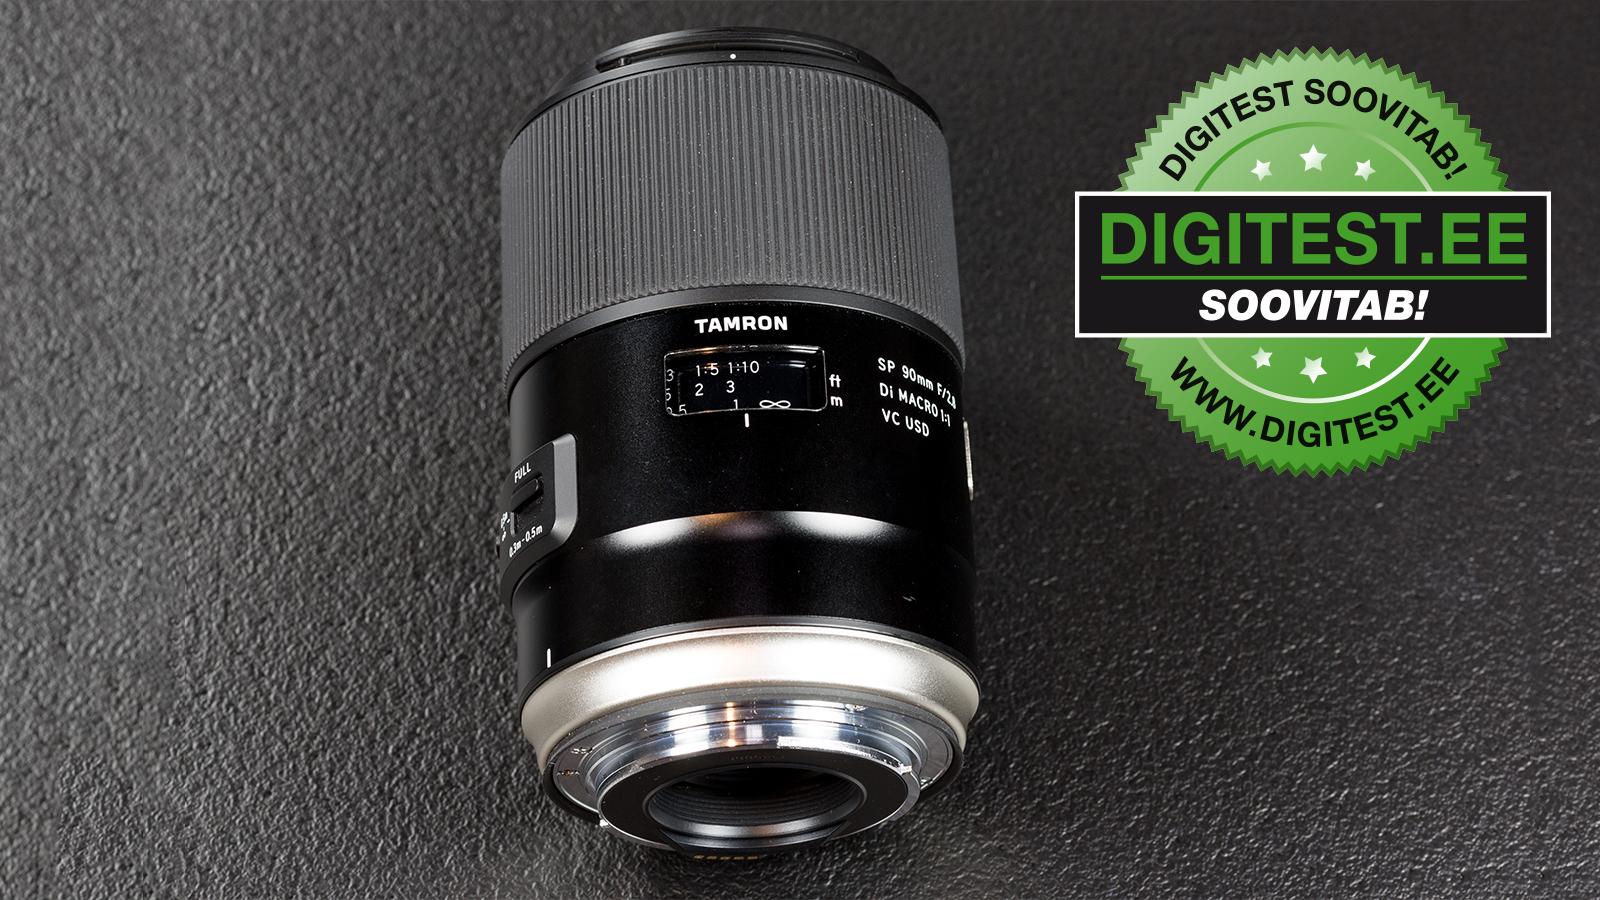 tamron-sp-90-macro-009-digitest-soovitab